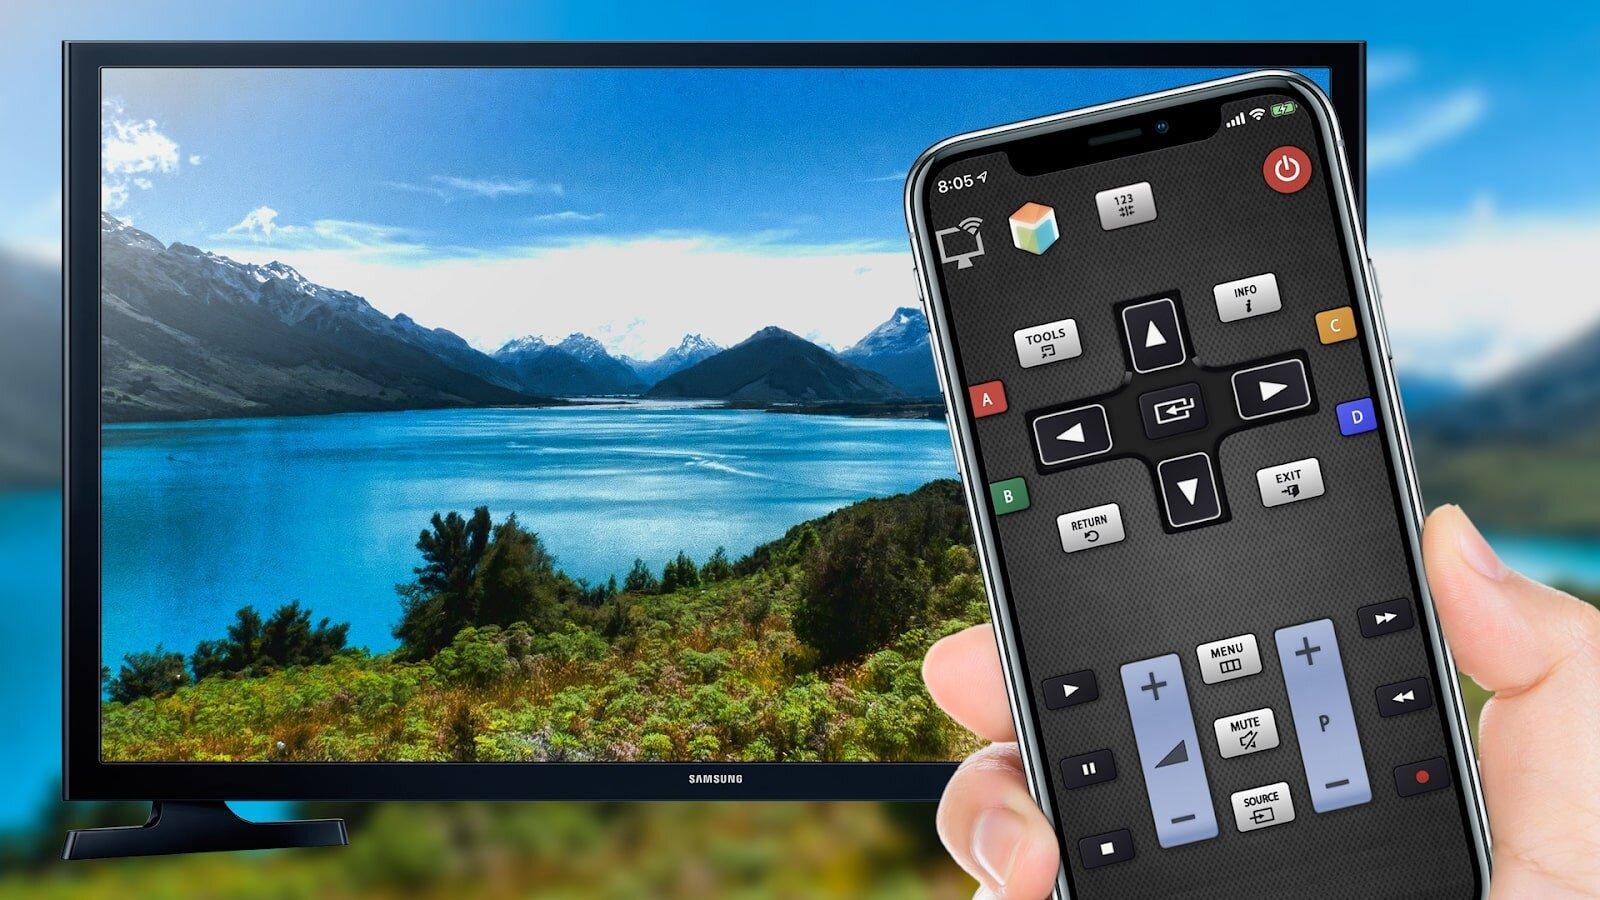 Tận hưởng tất cả ứng dụng giải trí của điện thoại trên tivi.